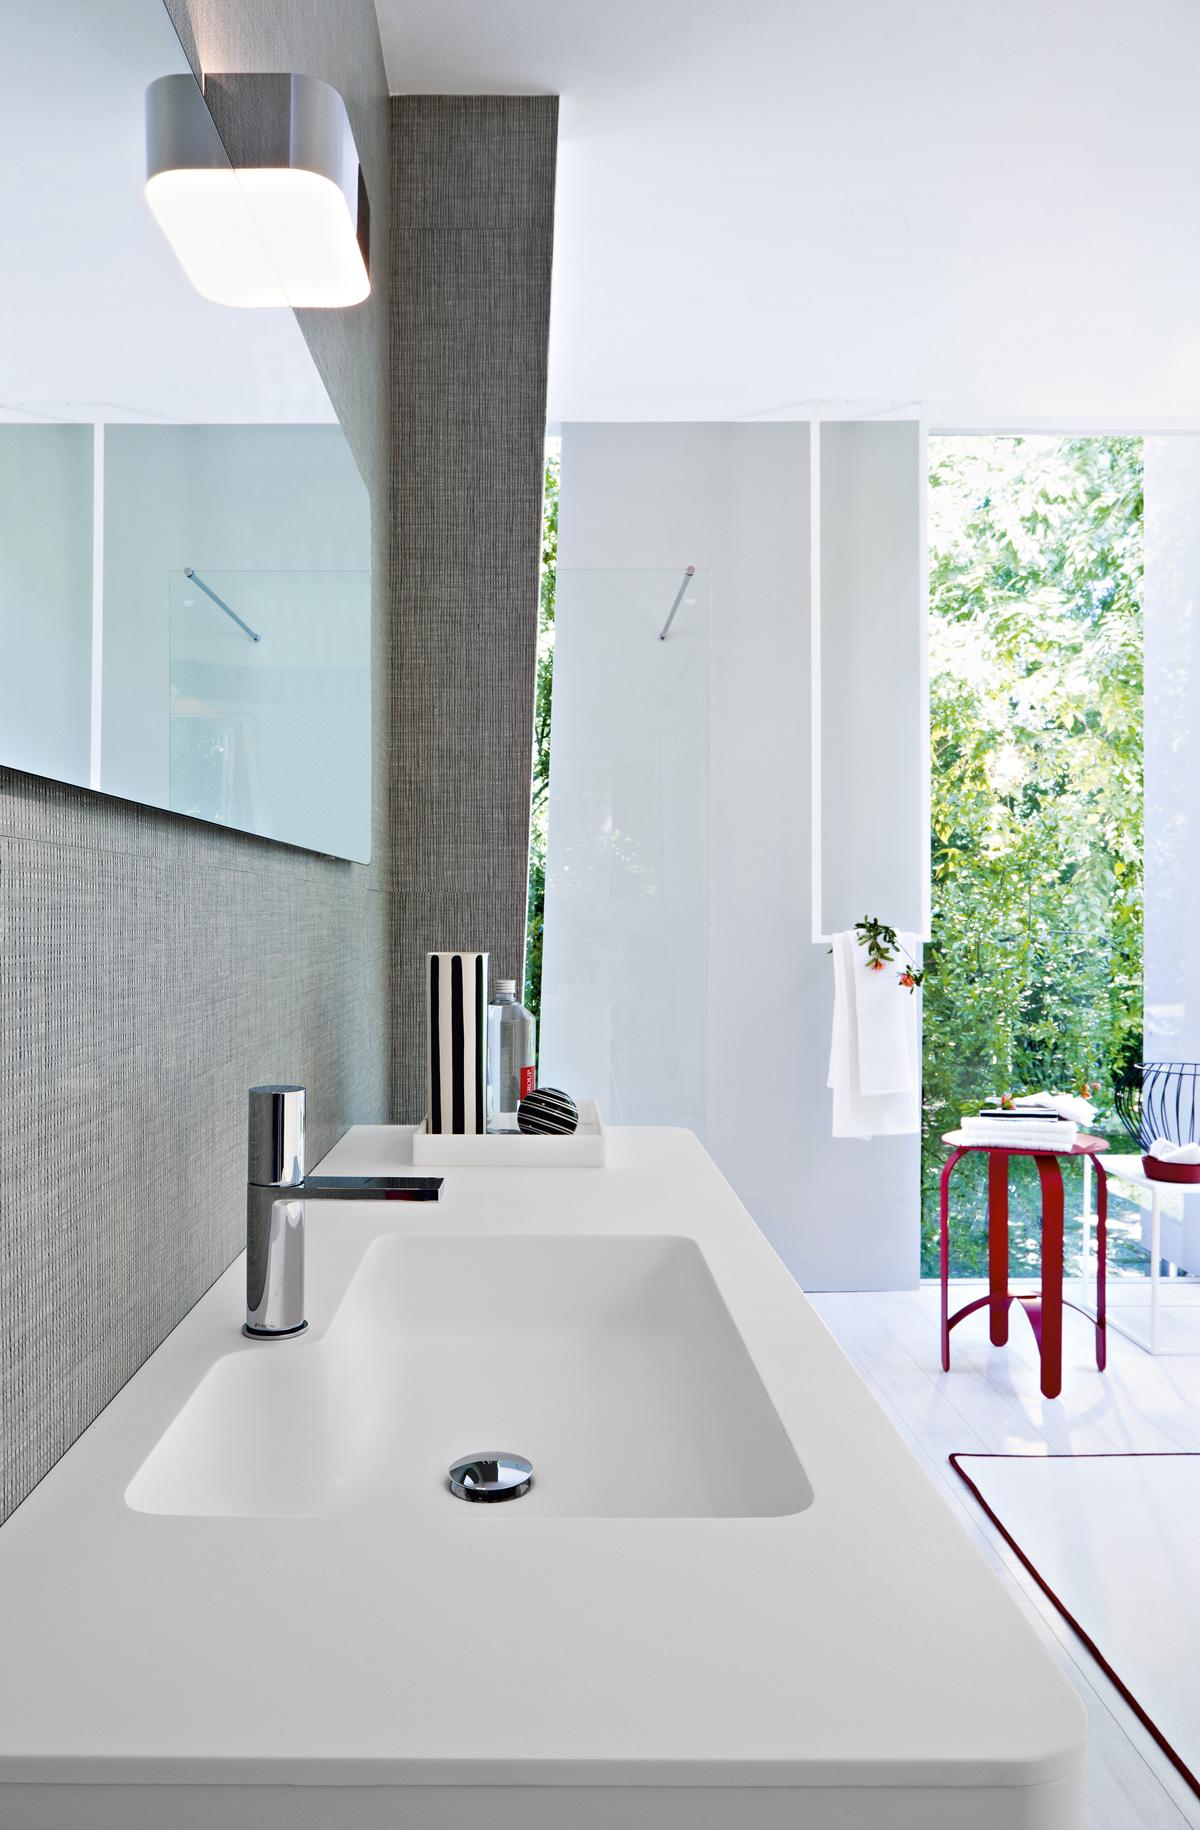 Come scegliere il lavabo del bagno ideagroup blog - Il bagno group ...